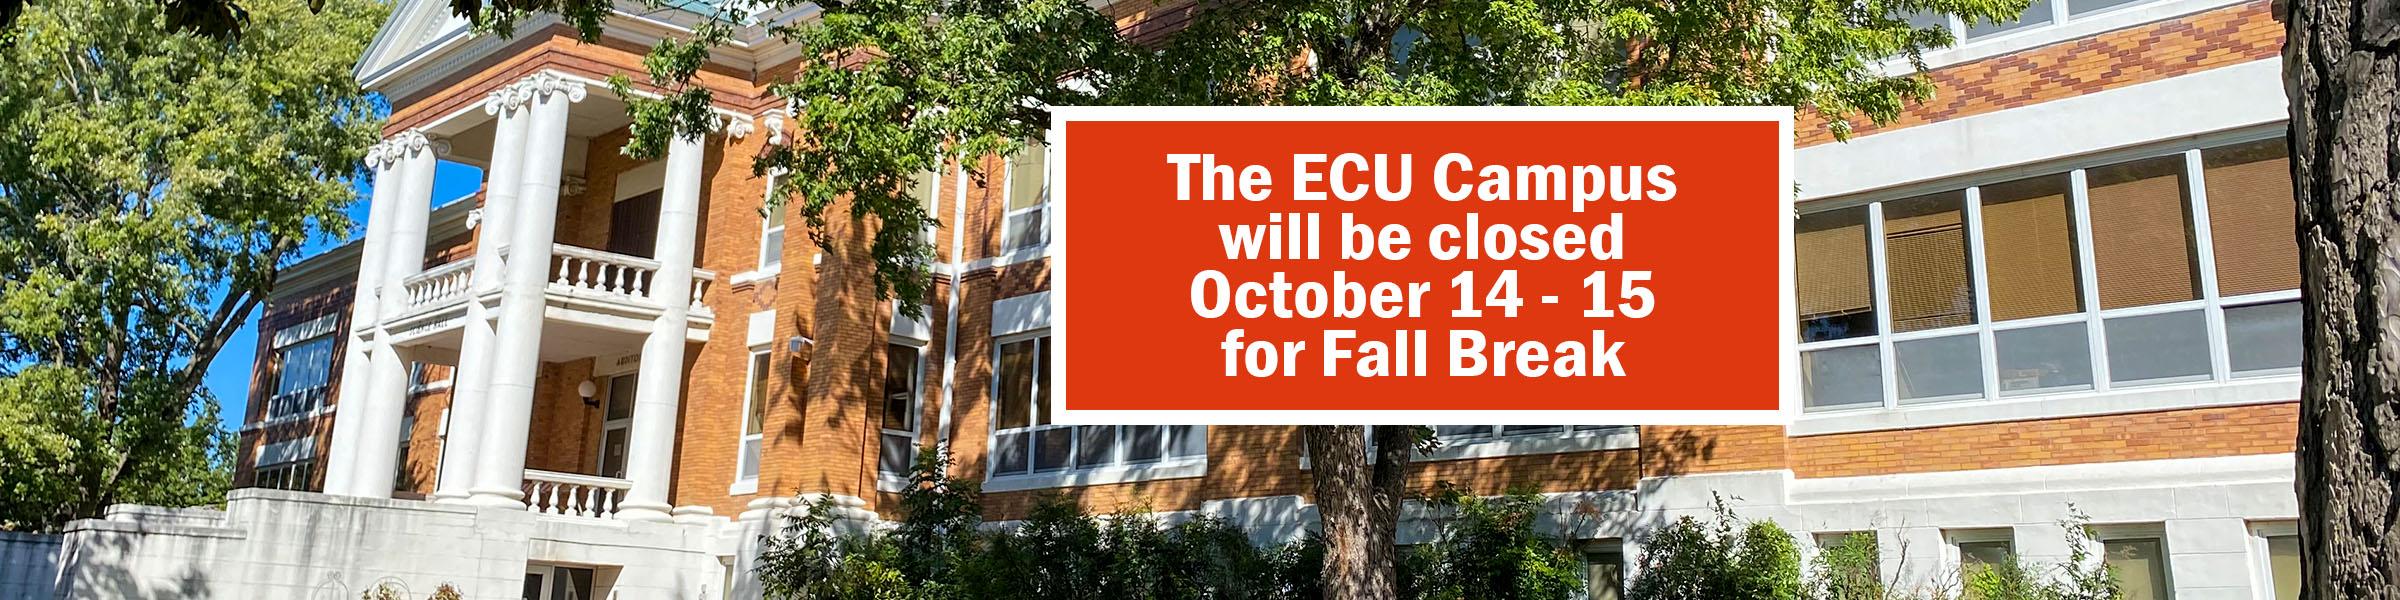 Fall Break Closure